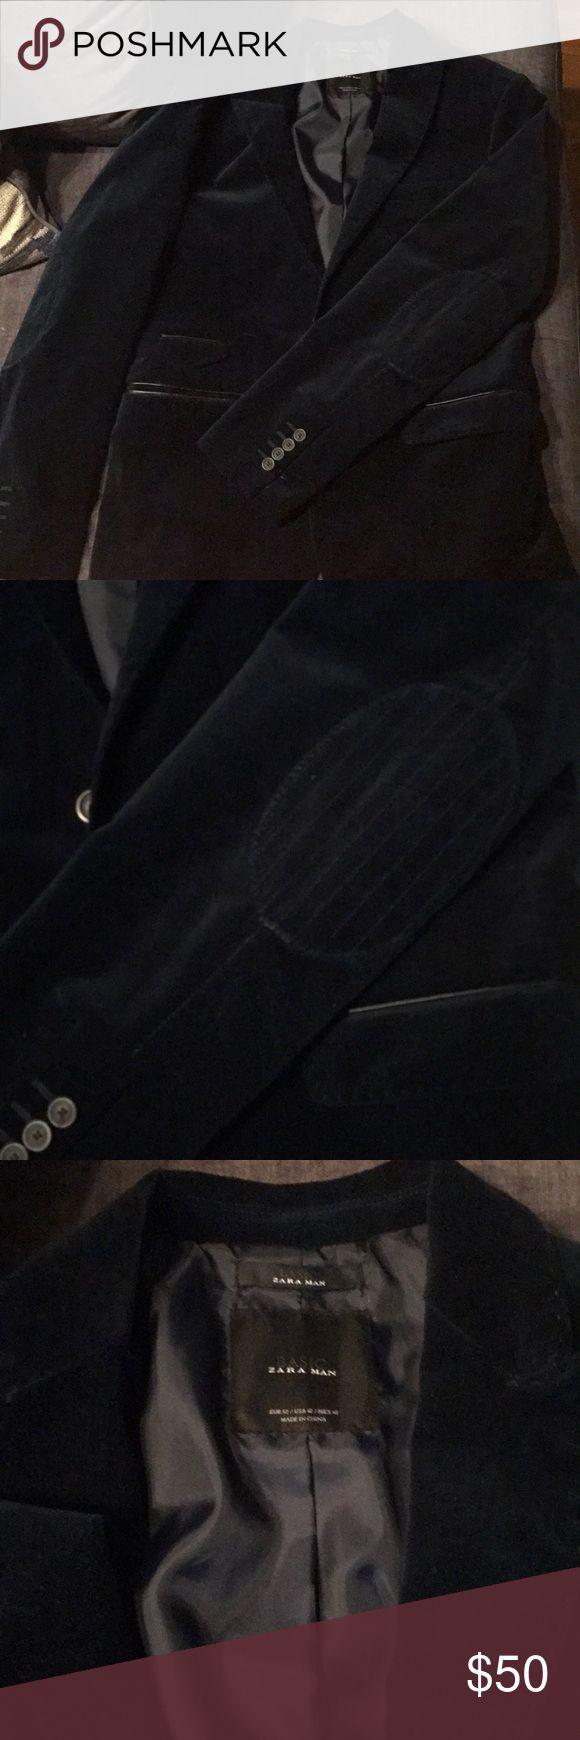 Beautiful blue suede blazer Beautiful blazer from Zara Man! Nice stitched detailing.worn once Zara Suits & Blazers Sport Coats & Blazers